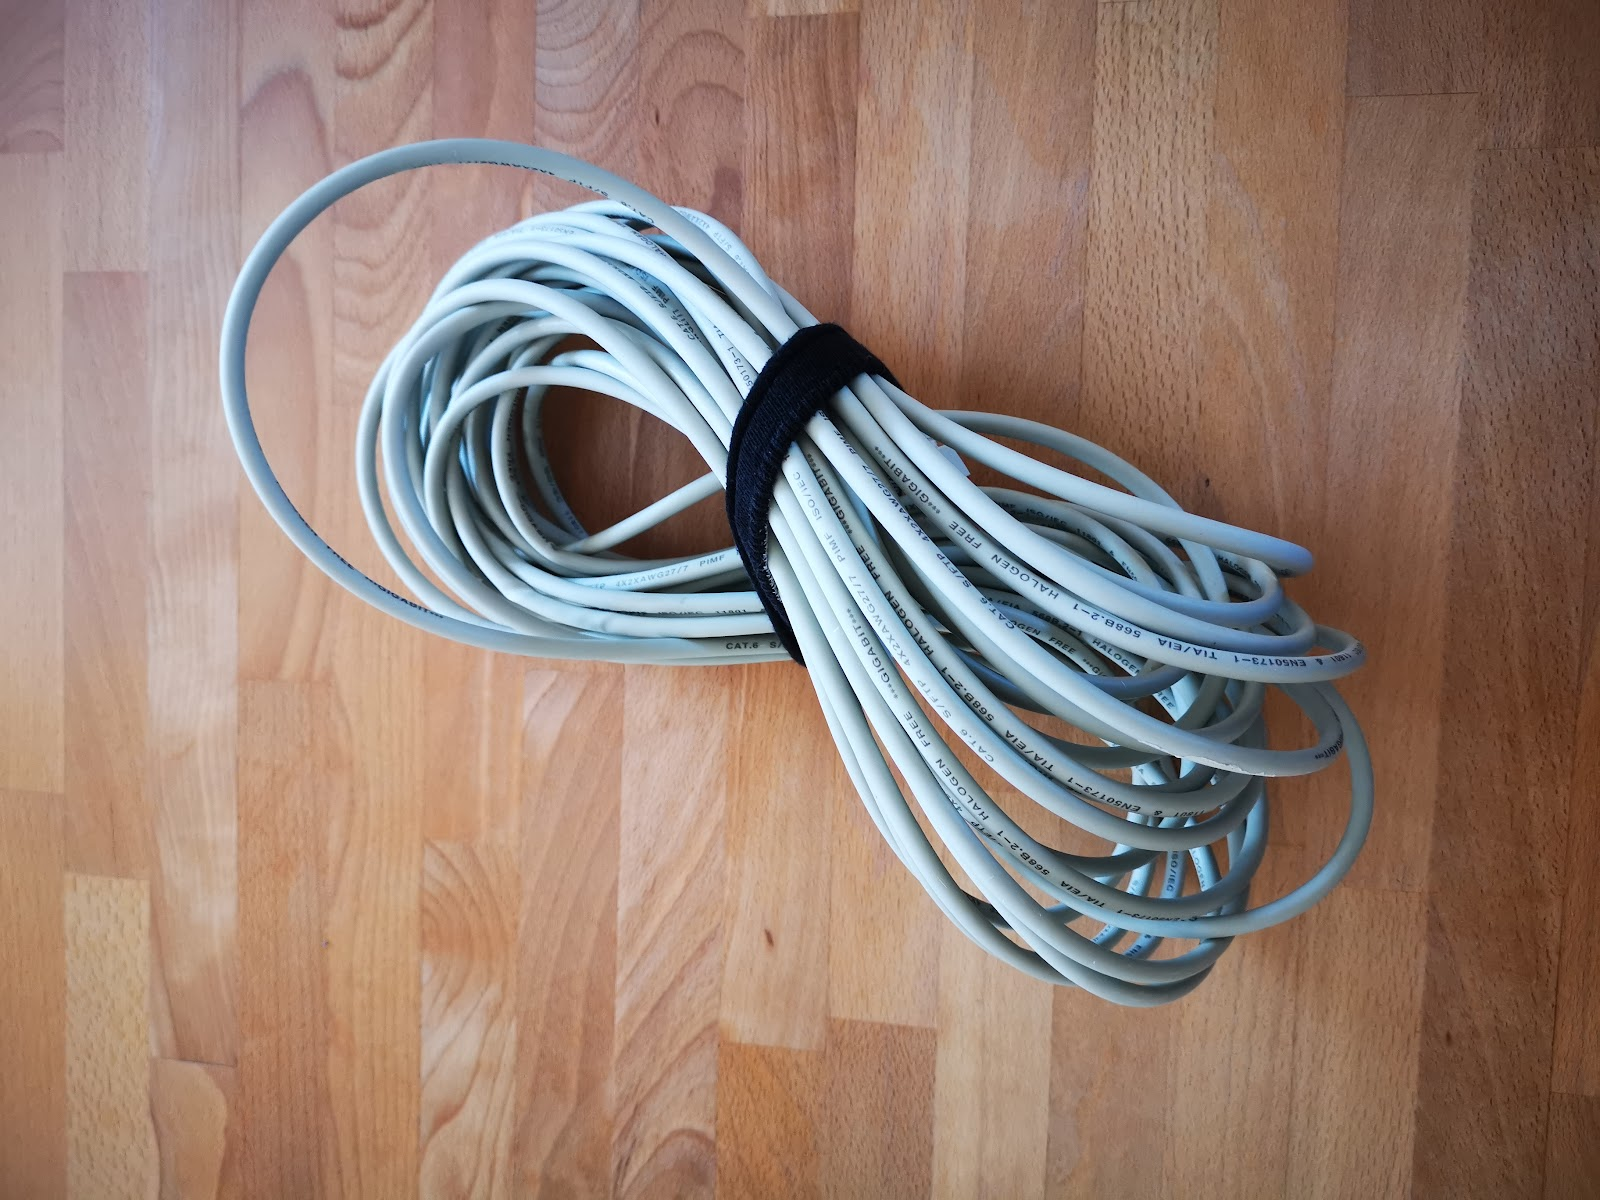 kabel zusammenbinden